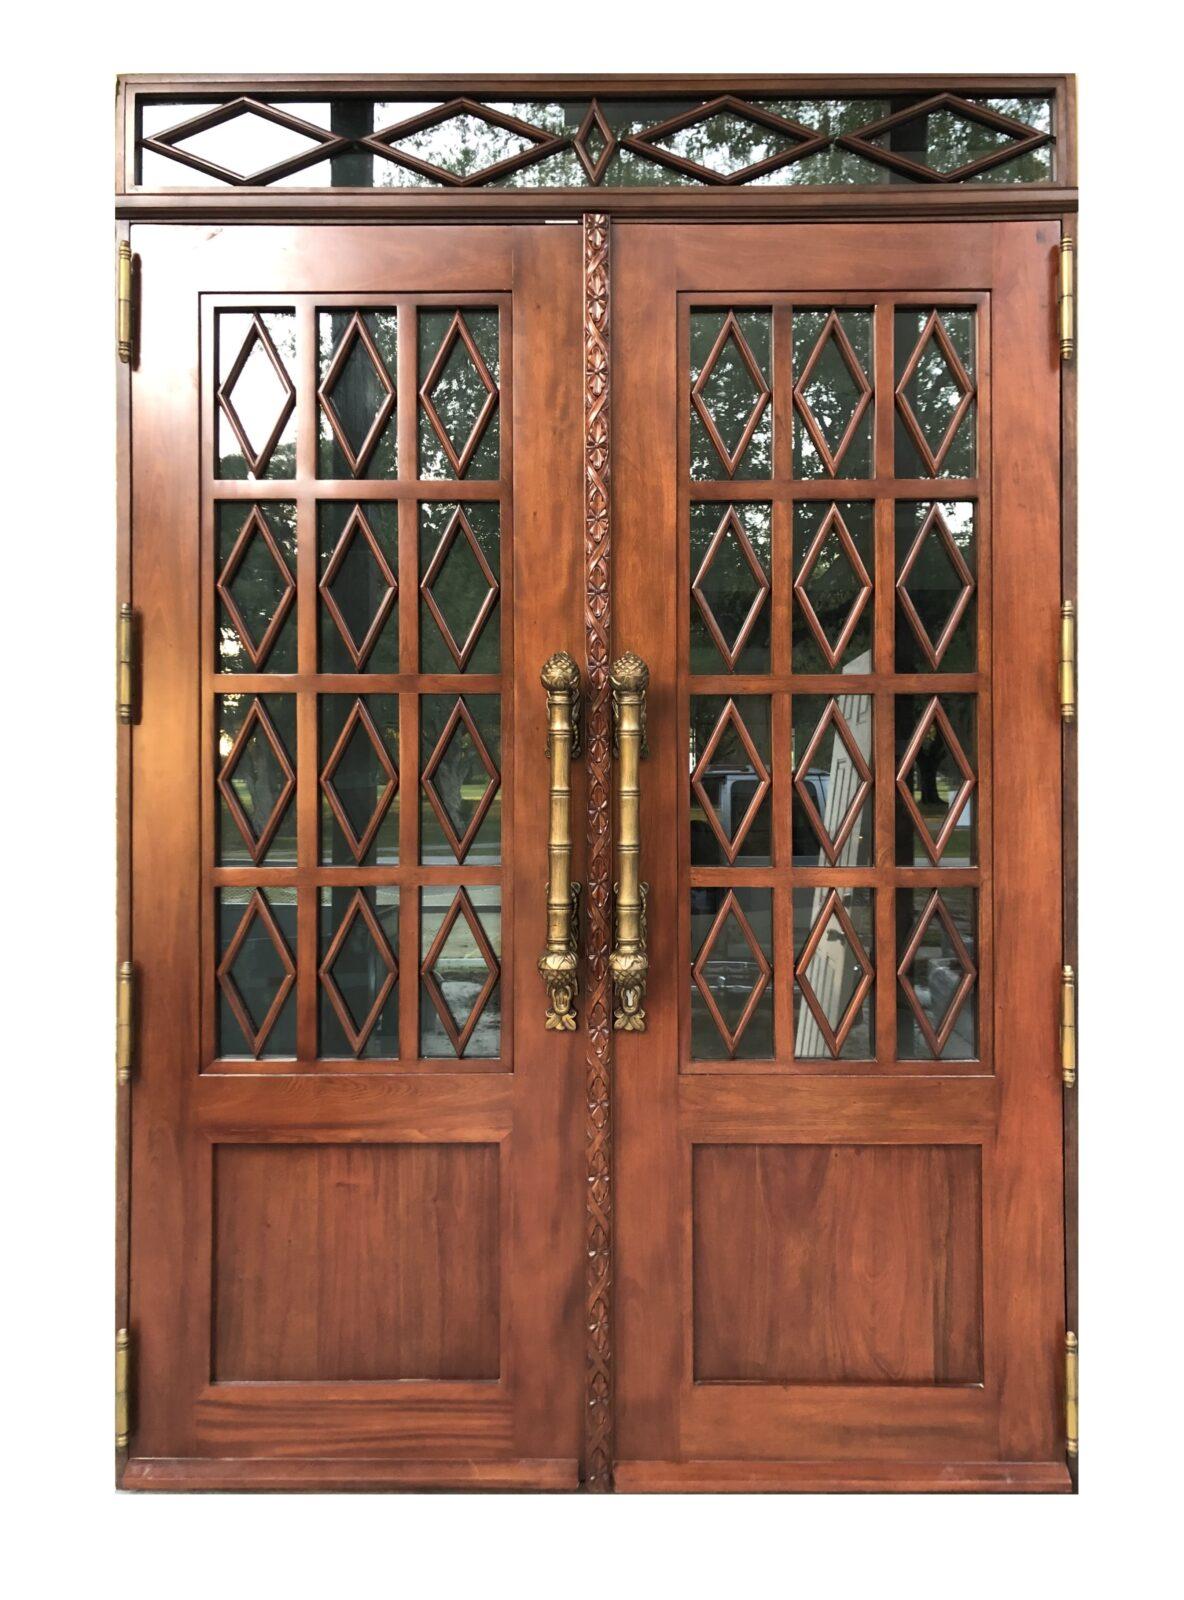 PARADISO MAHOGANY ENTRY GATE DOOR